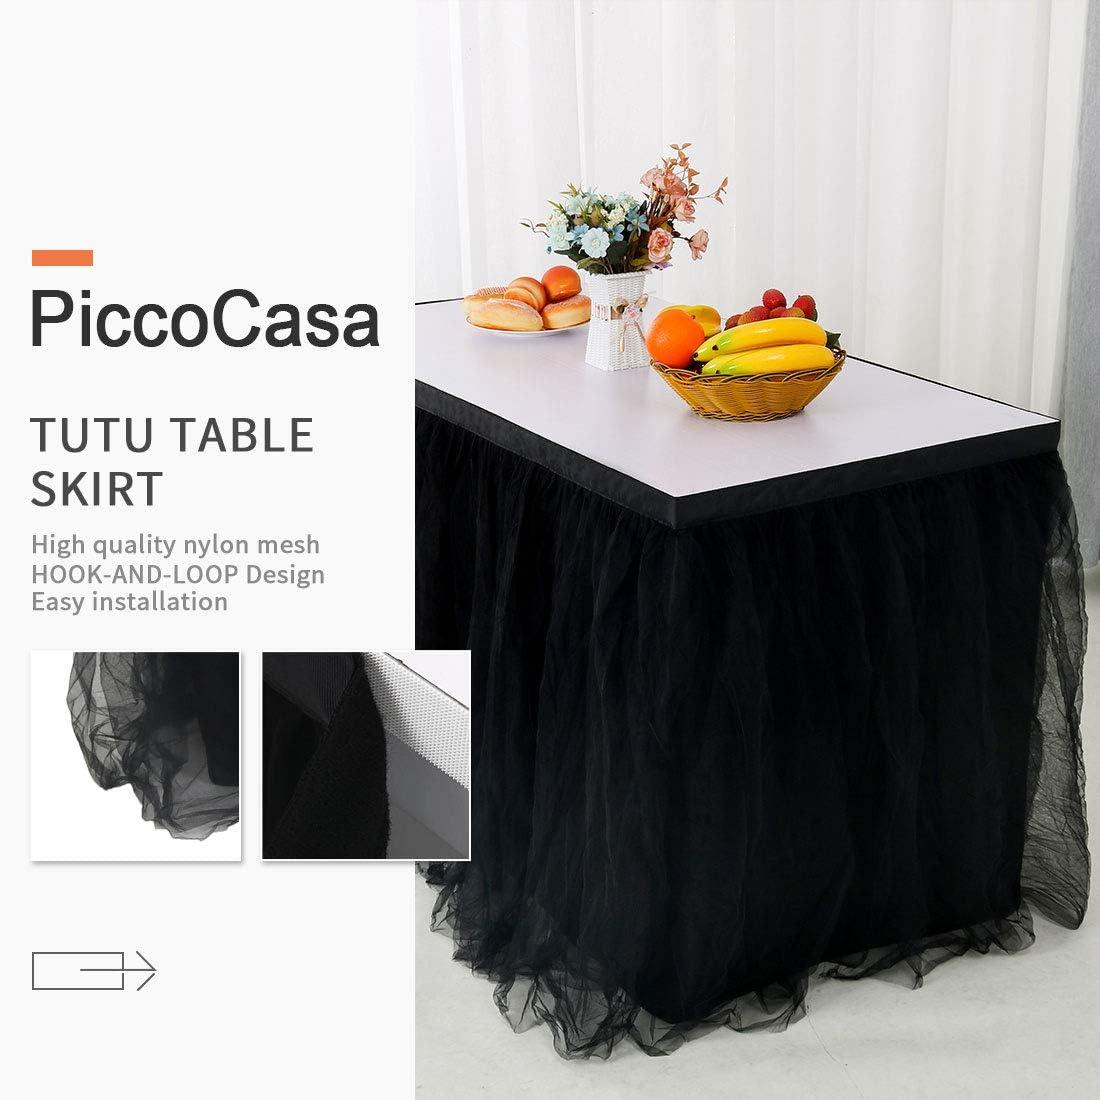 PiccoCasa Jupe de table tutu en tulle Noir 274 x 76 cm